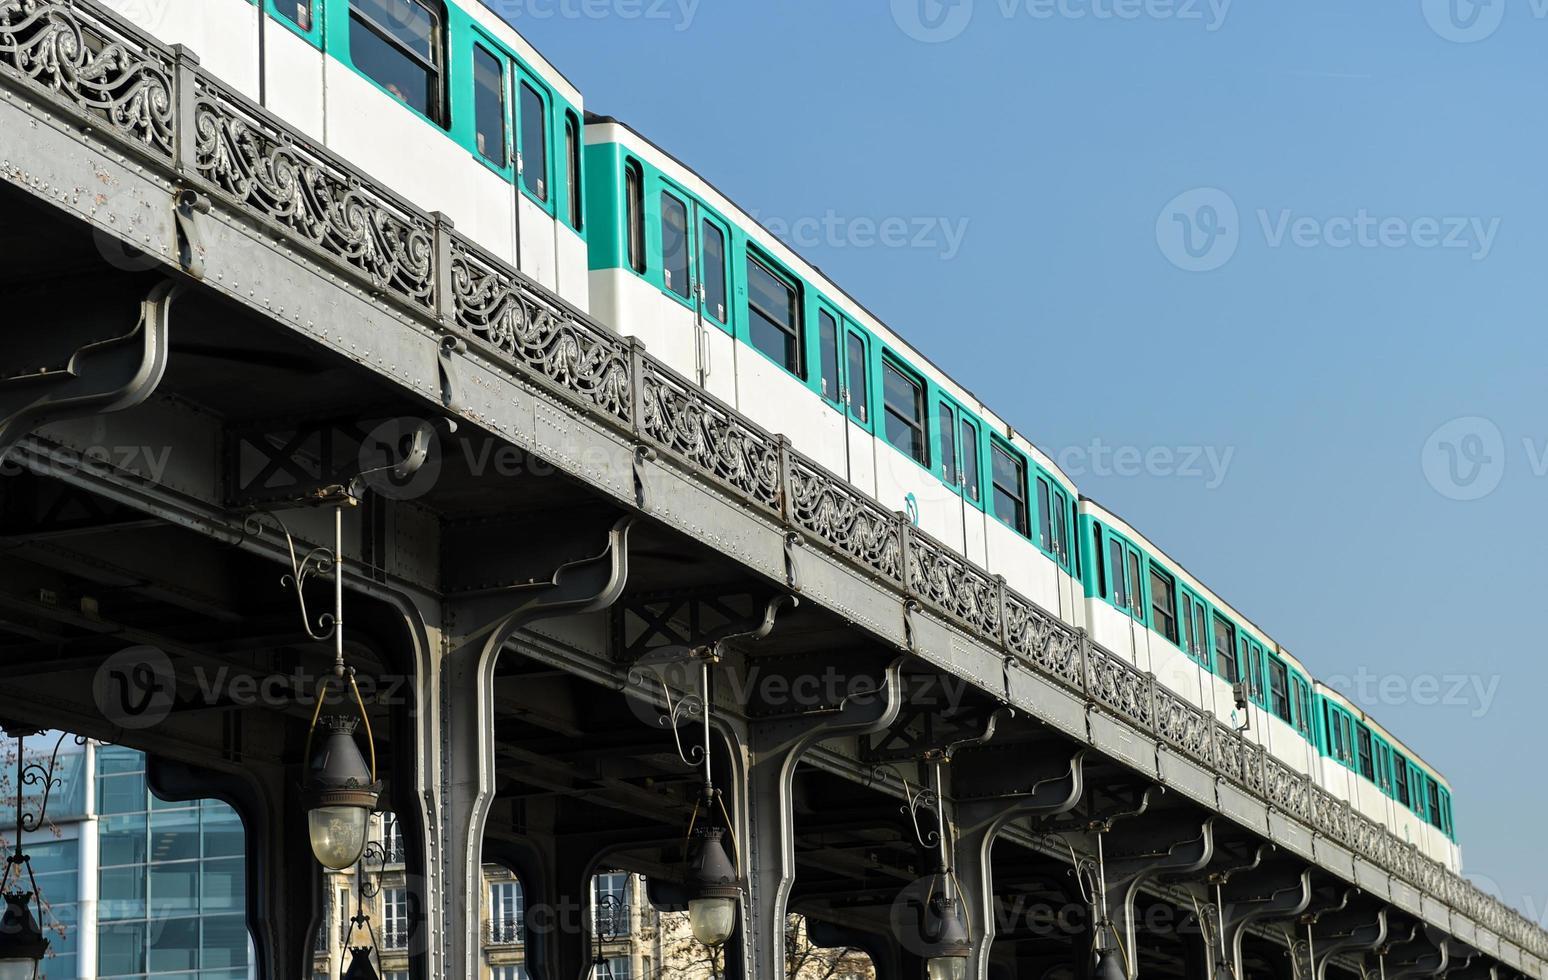 vie urbaine-métro parisien photo